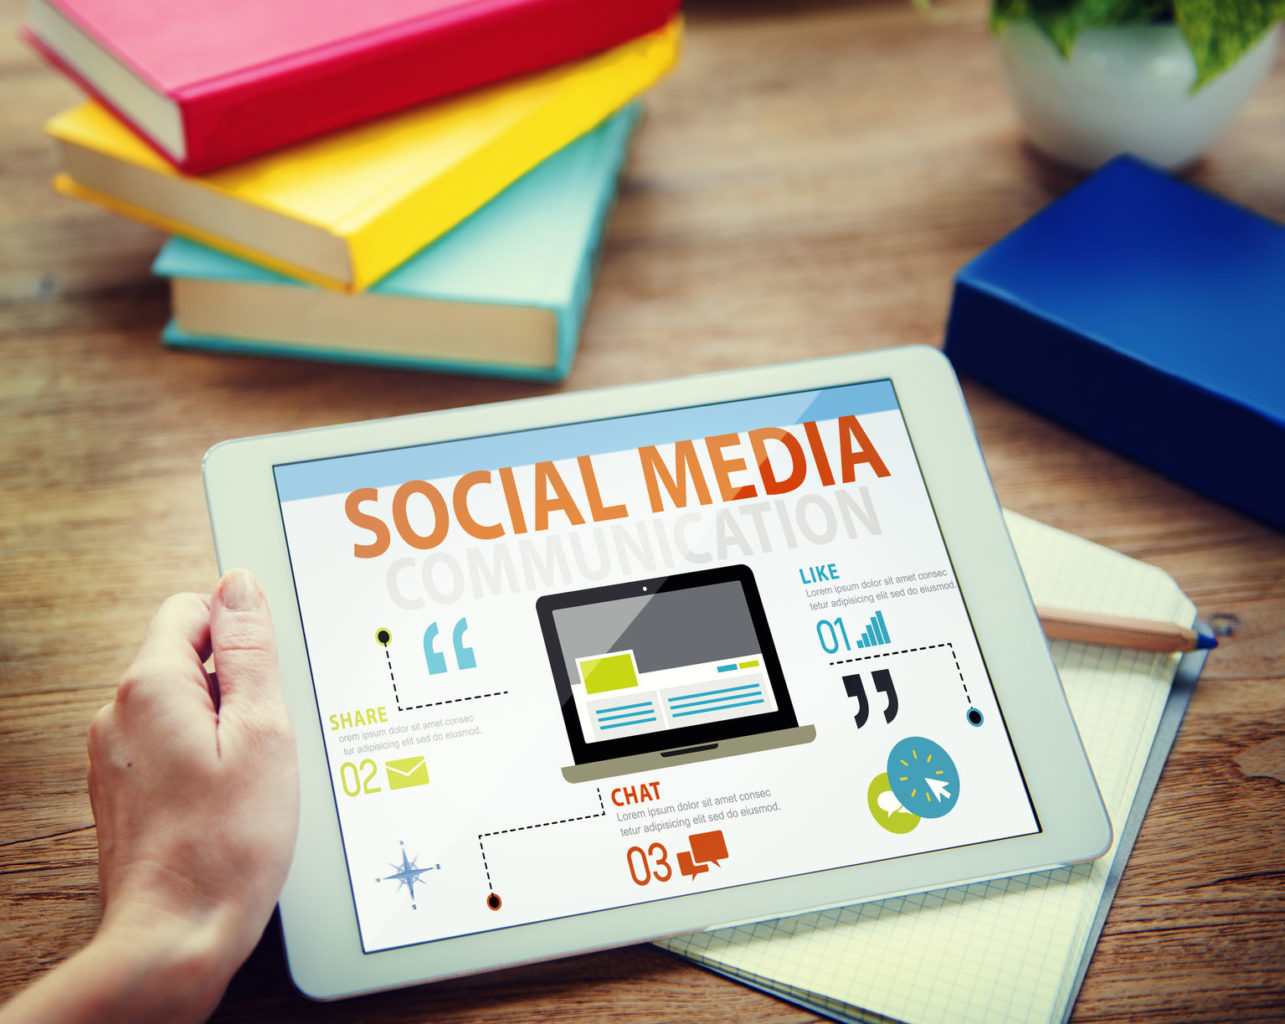 Blod oder soziale Netzwerke Bild